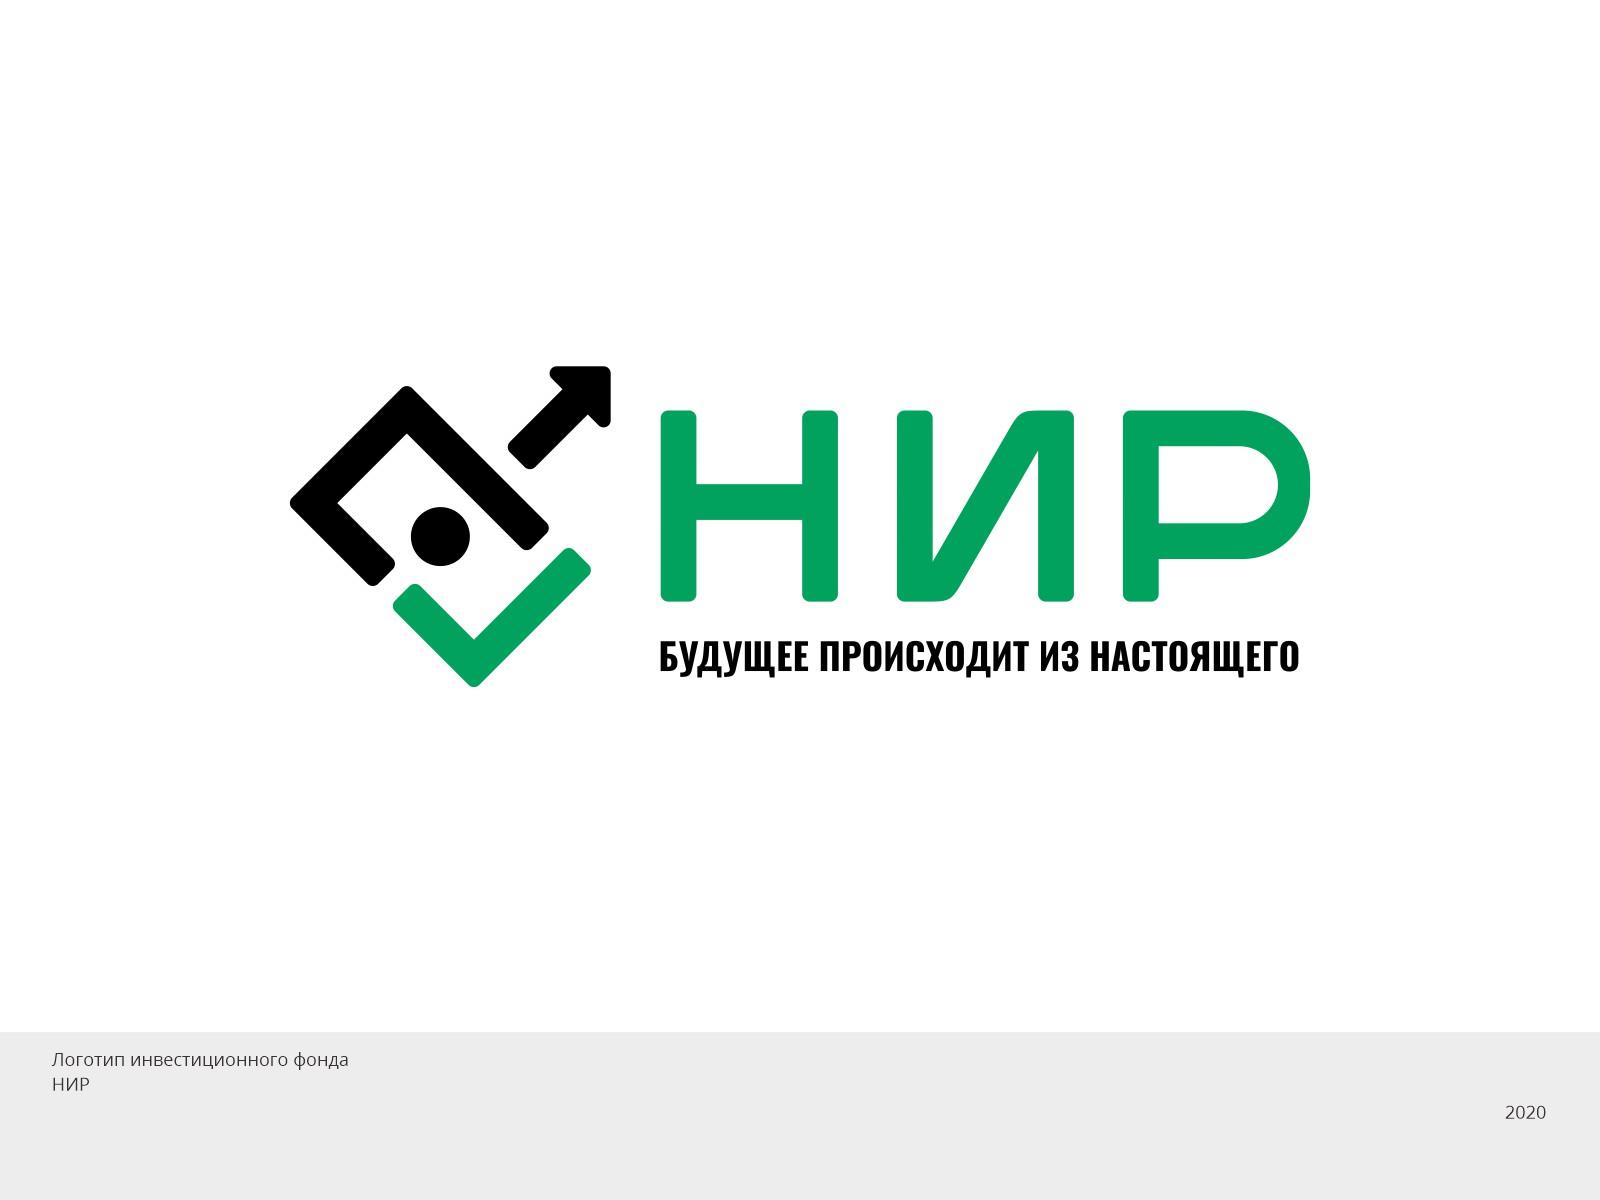 Логотип НИР